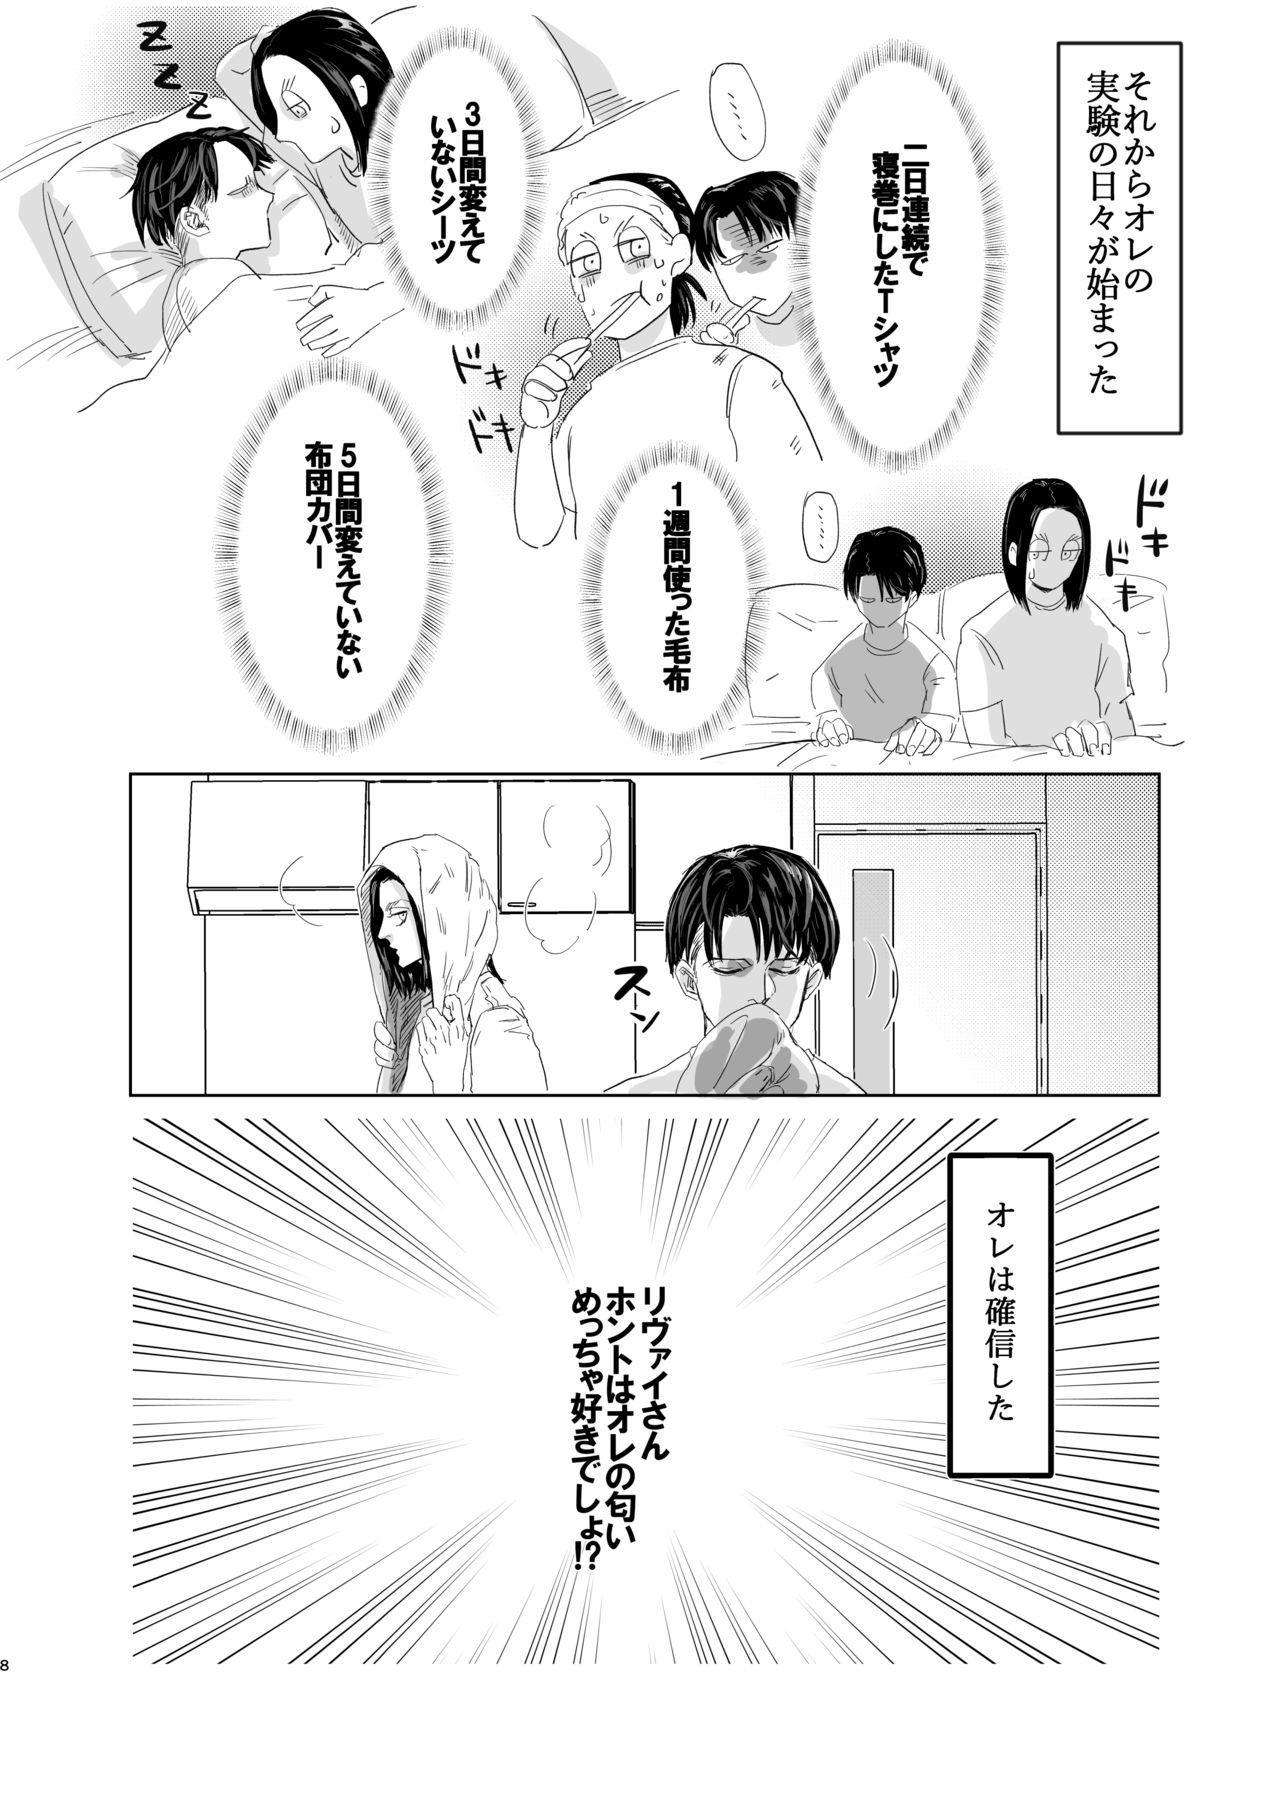 Ore no Kareshi ga Ore no Nioi o Sukisugite Komaru! 6